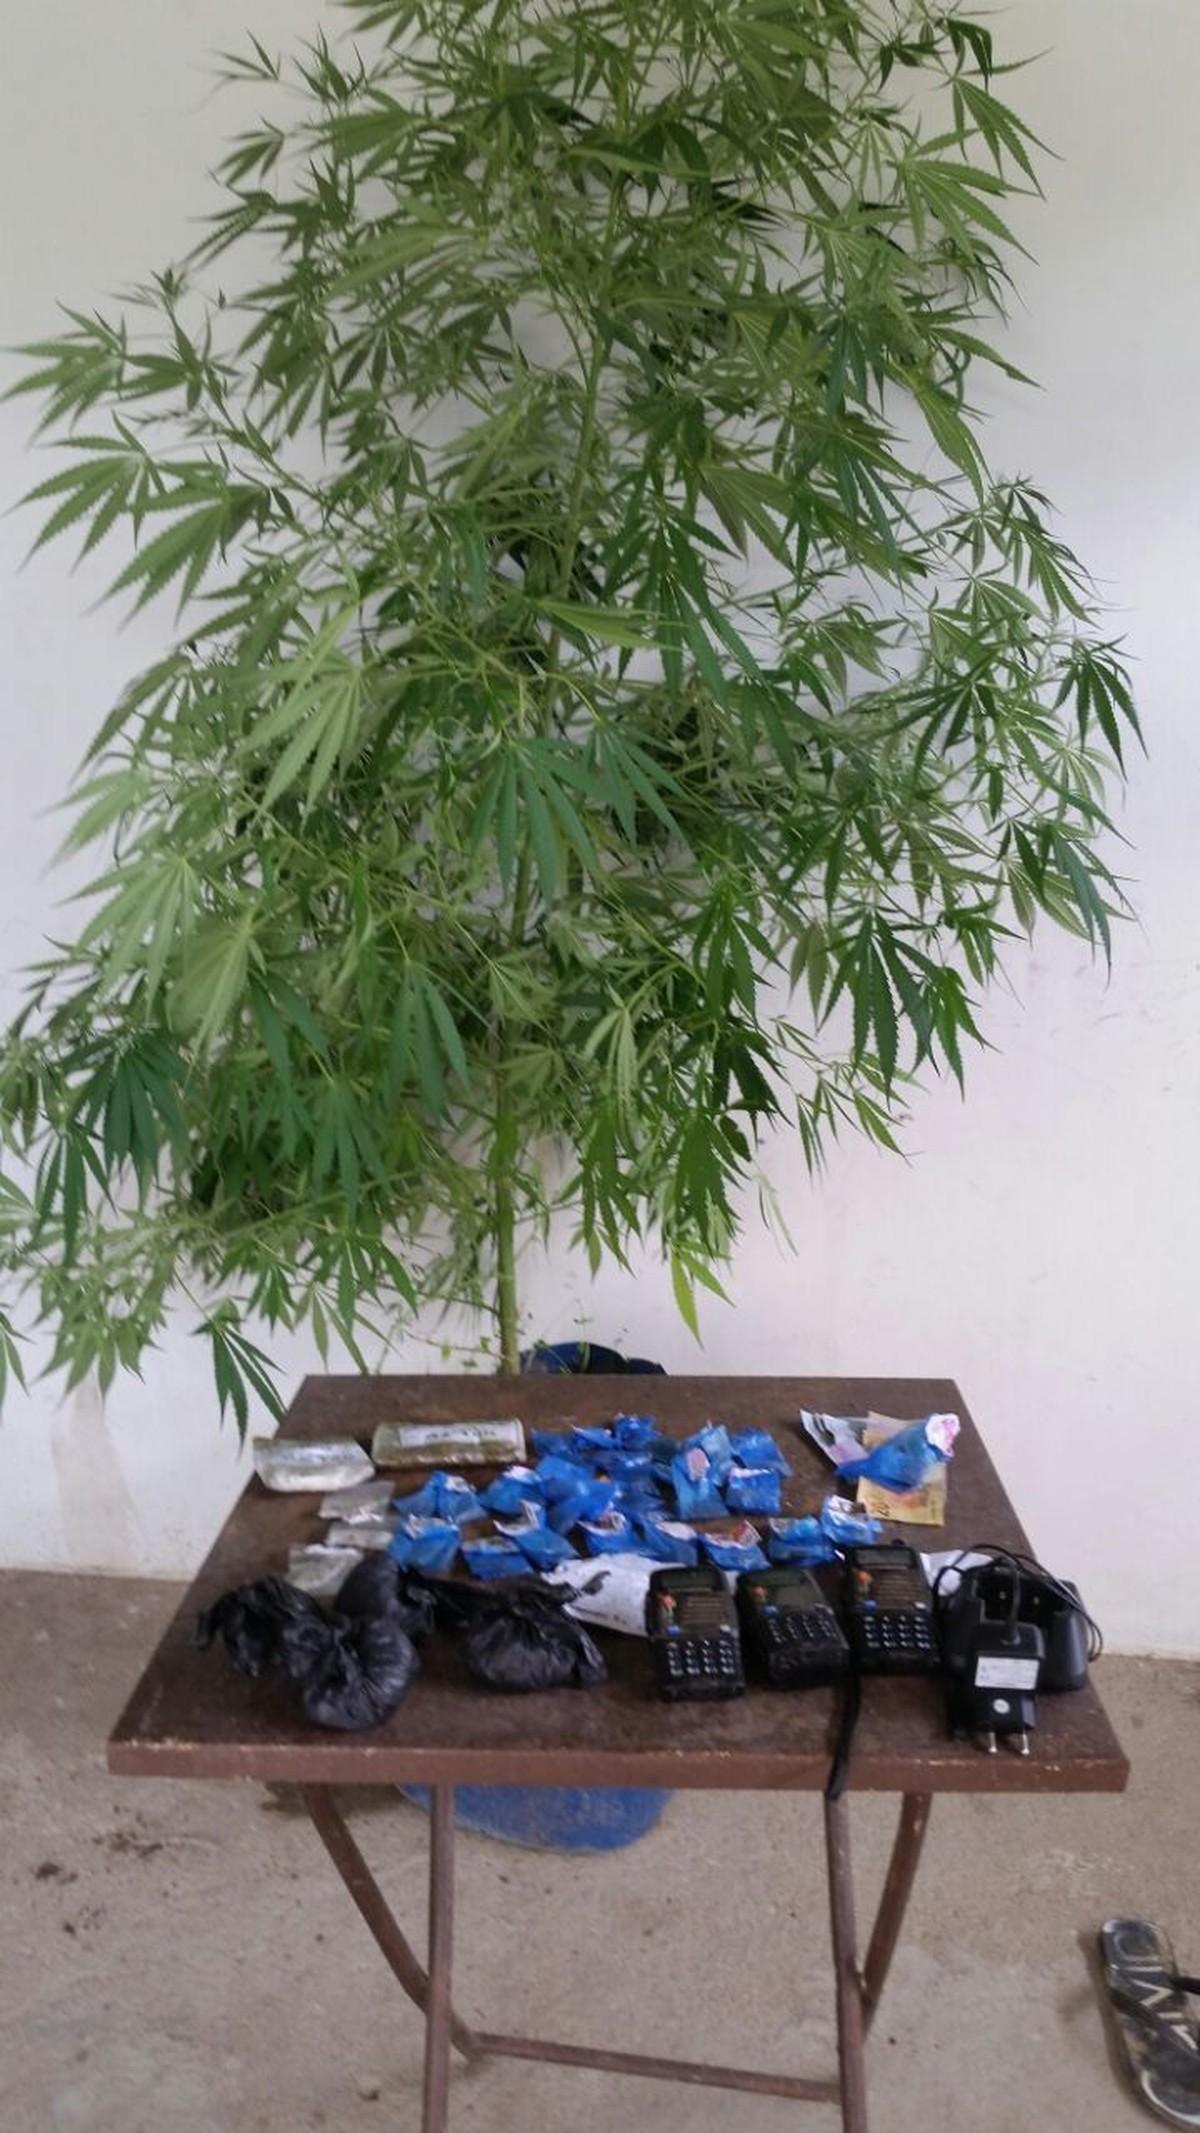 Mulher é detida com arbusto de maconha, cocaína e radiotransmissores em Macaé, no RJ